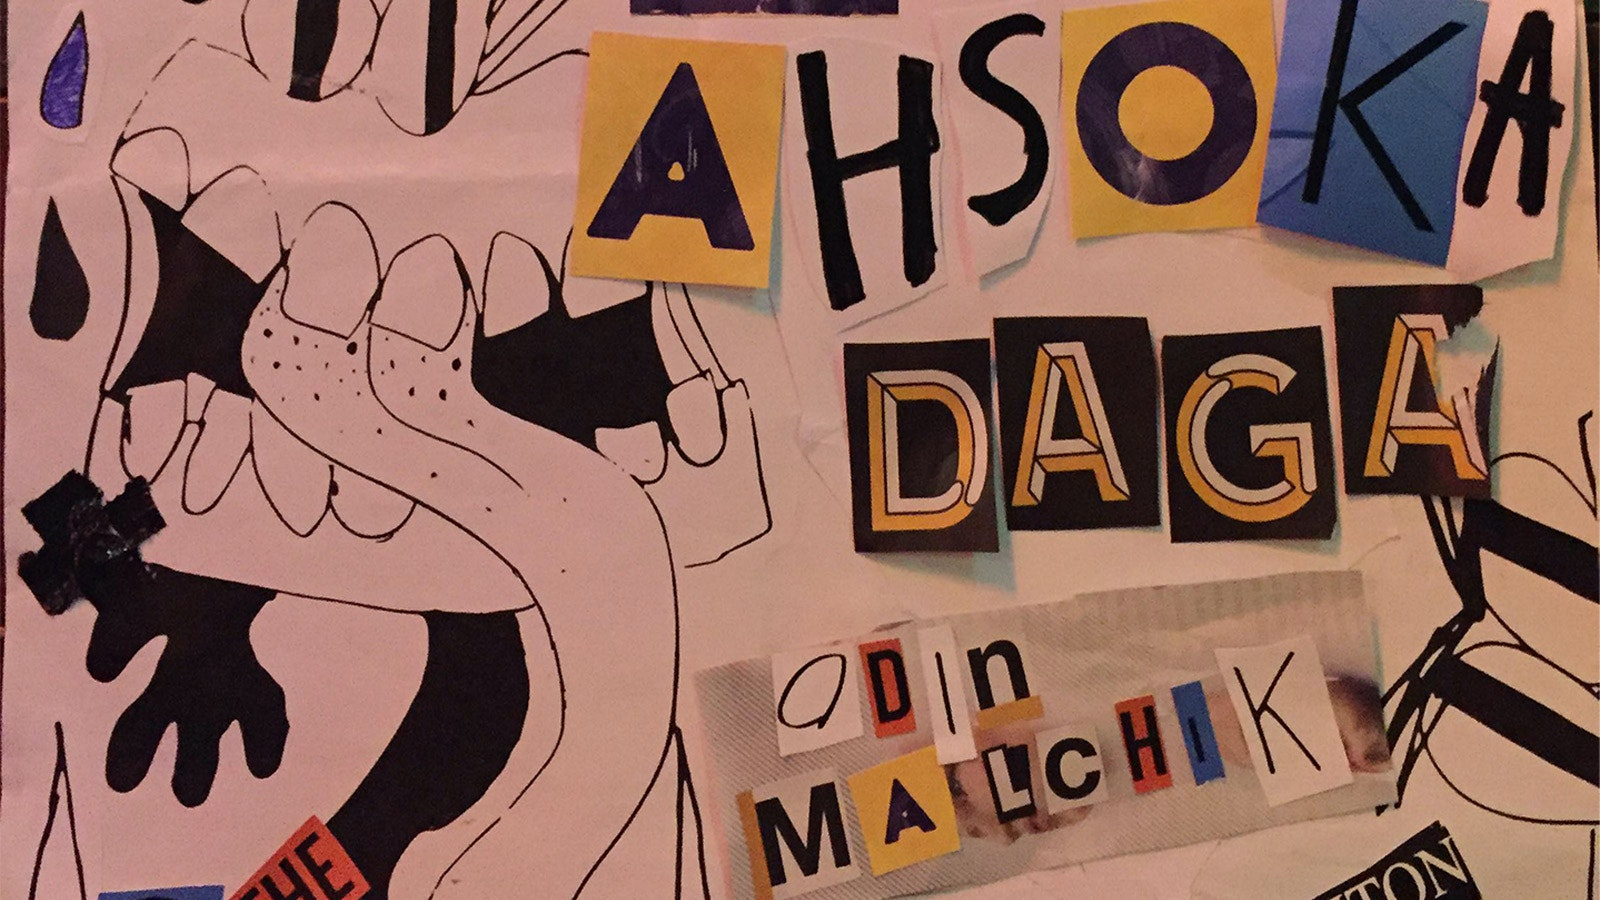 Stoked & Broke: Ahsoka + Daga + Odin Malchik